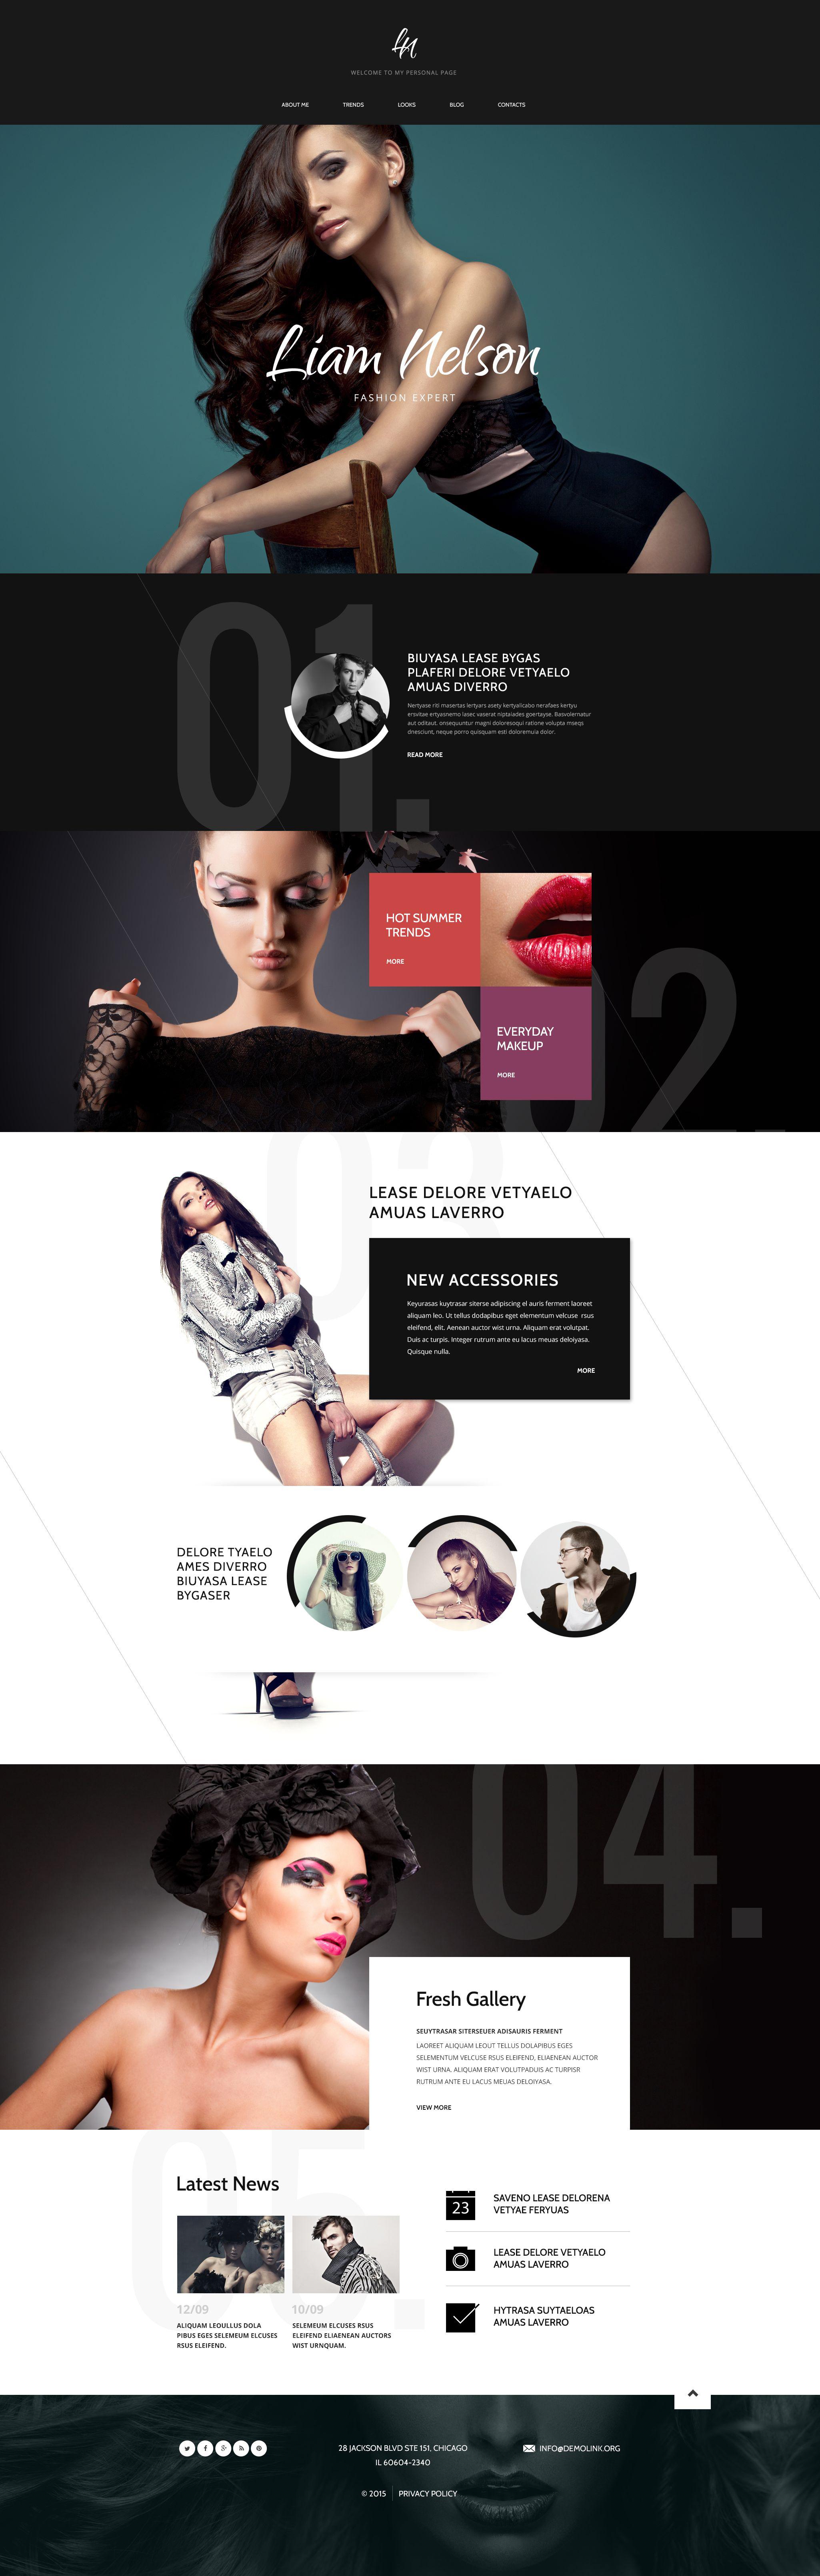 Responsywny szablon Drupal Fashion Expert #53896